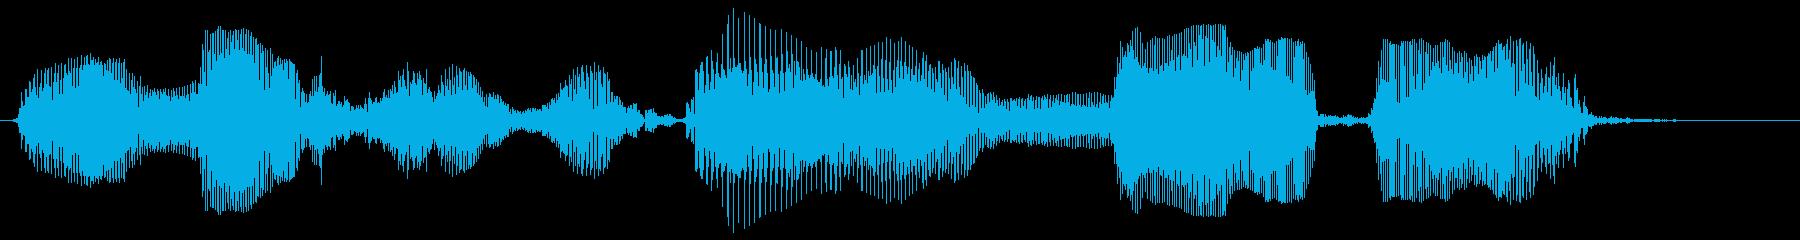 今すぐダウンロード (元気な声)の再生済みの波形